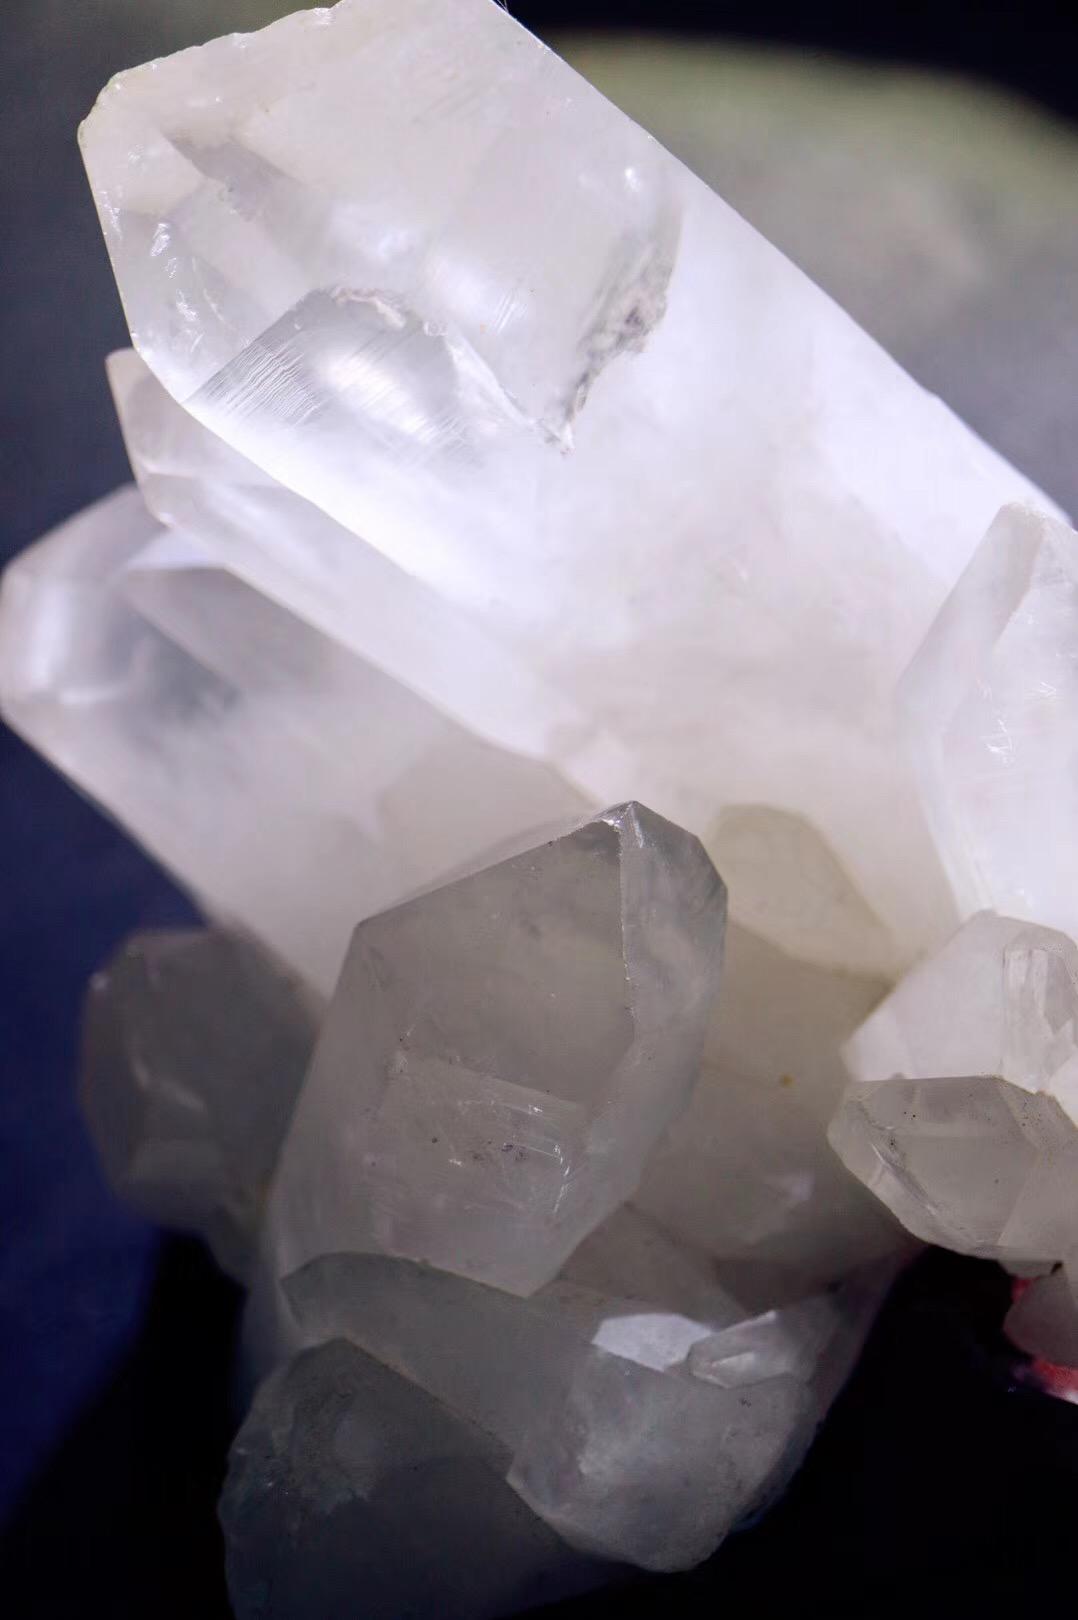 【白水晶簇】 白水晶簇代表着平衡和圆满-菩心晶舍